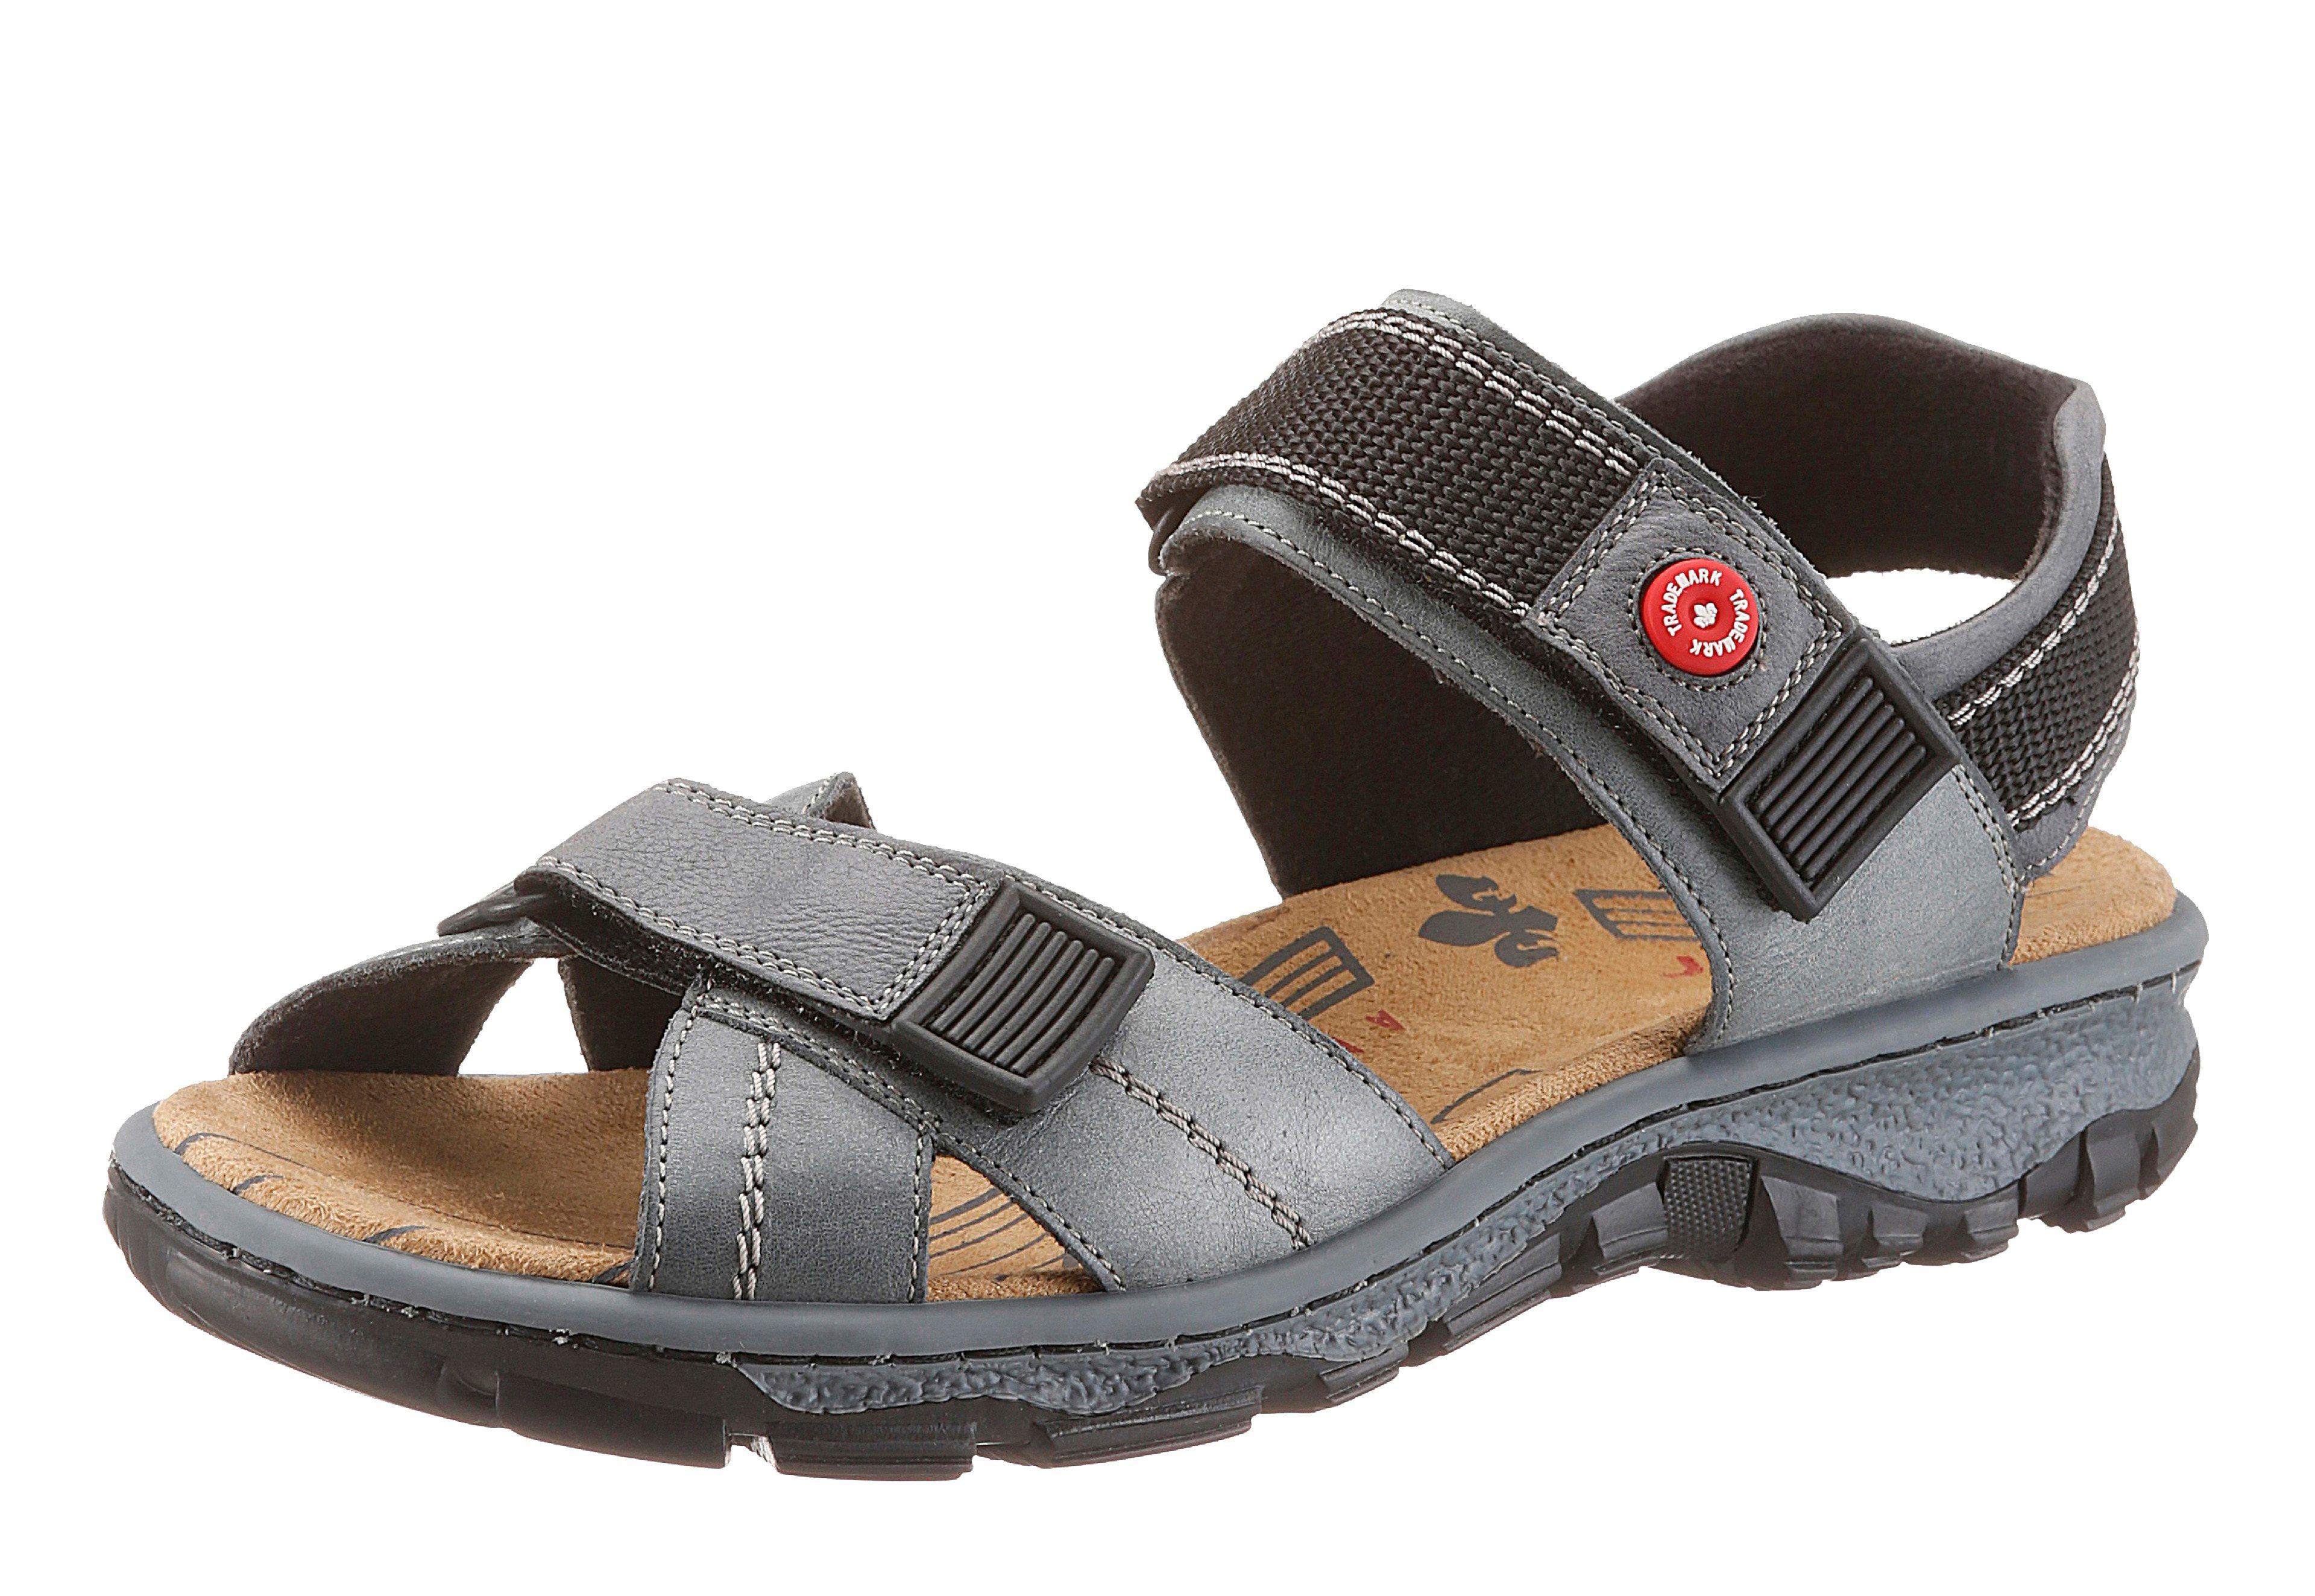 Rieker Outdoorsandale in sportivem Look, Sportive Sandale im